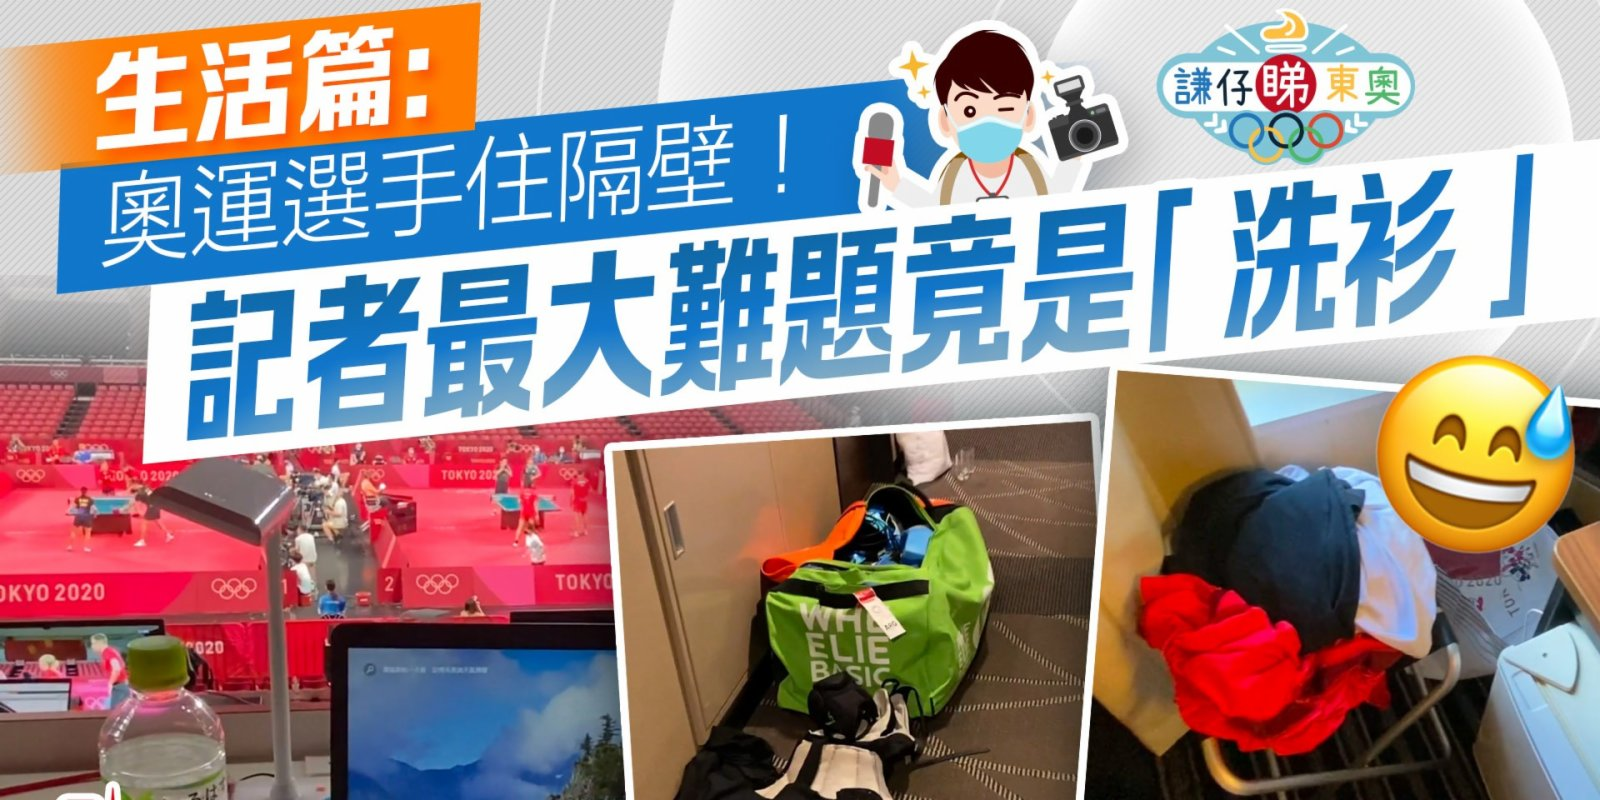 謙仔睇東奧 生活篇:奧運選手住隔壁!記者最大難題竟是「洗衫」